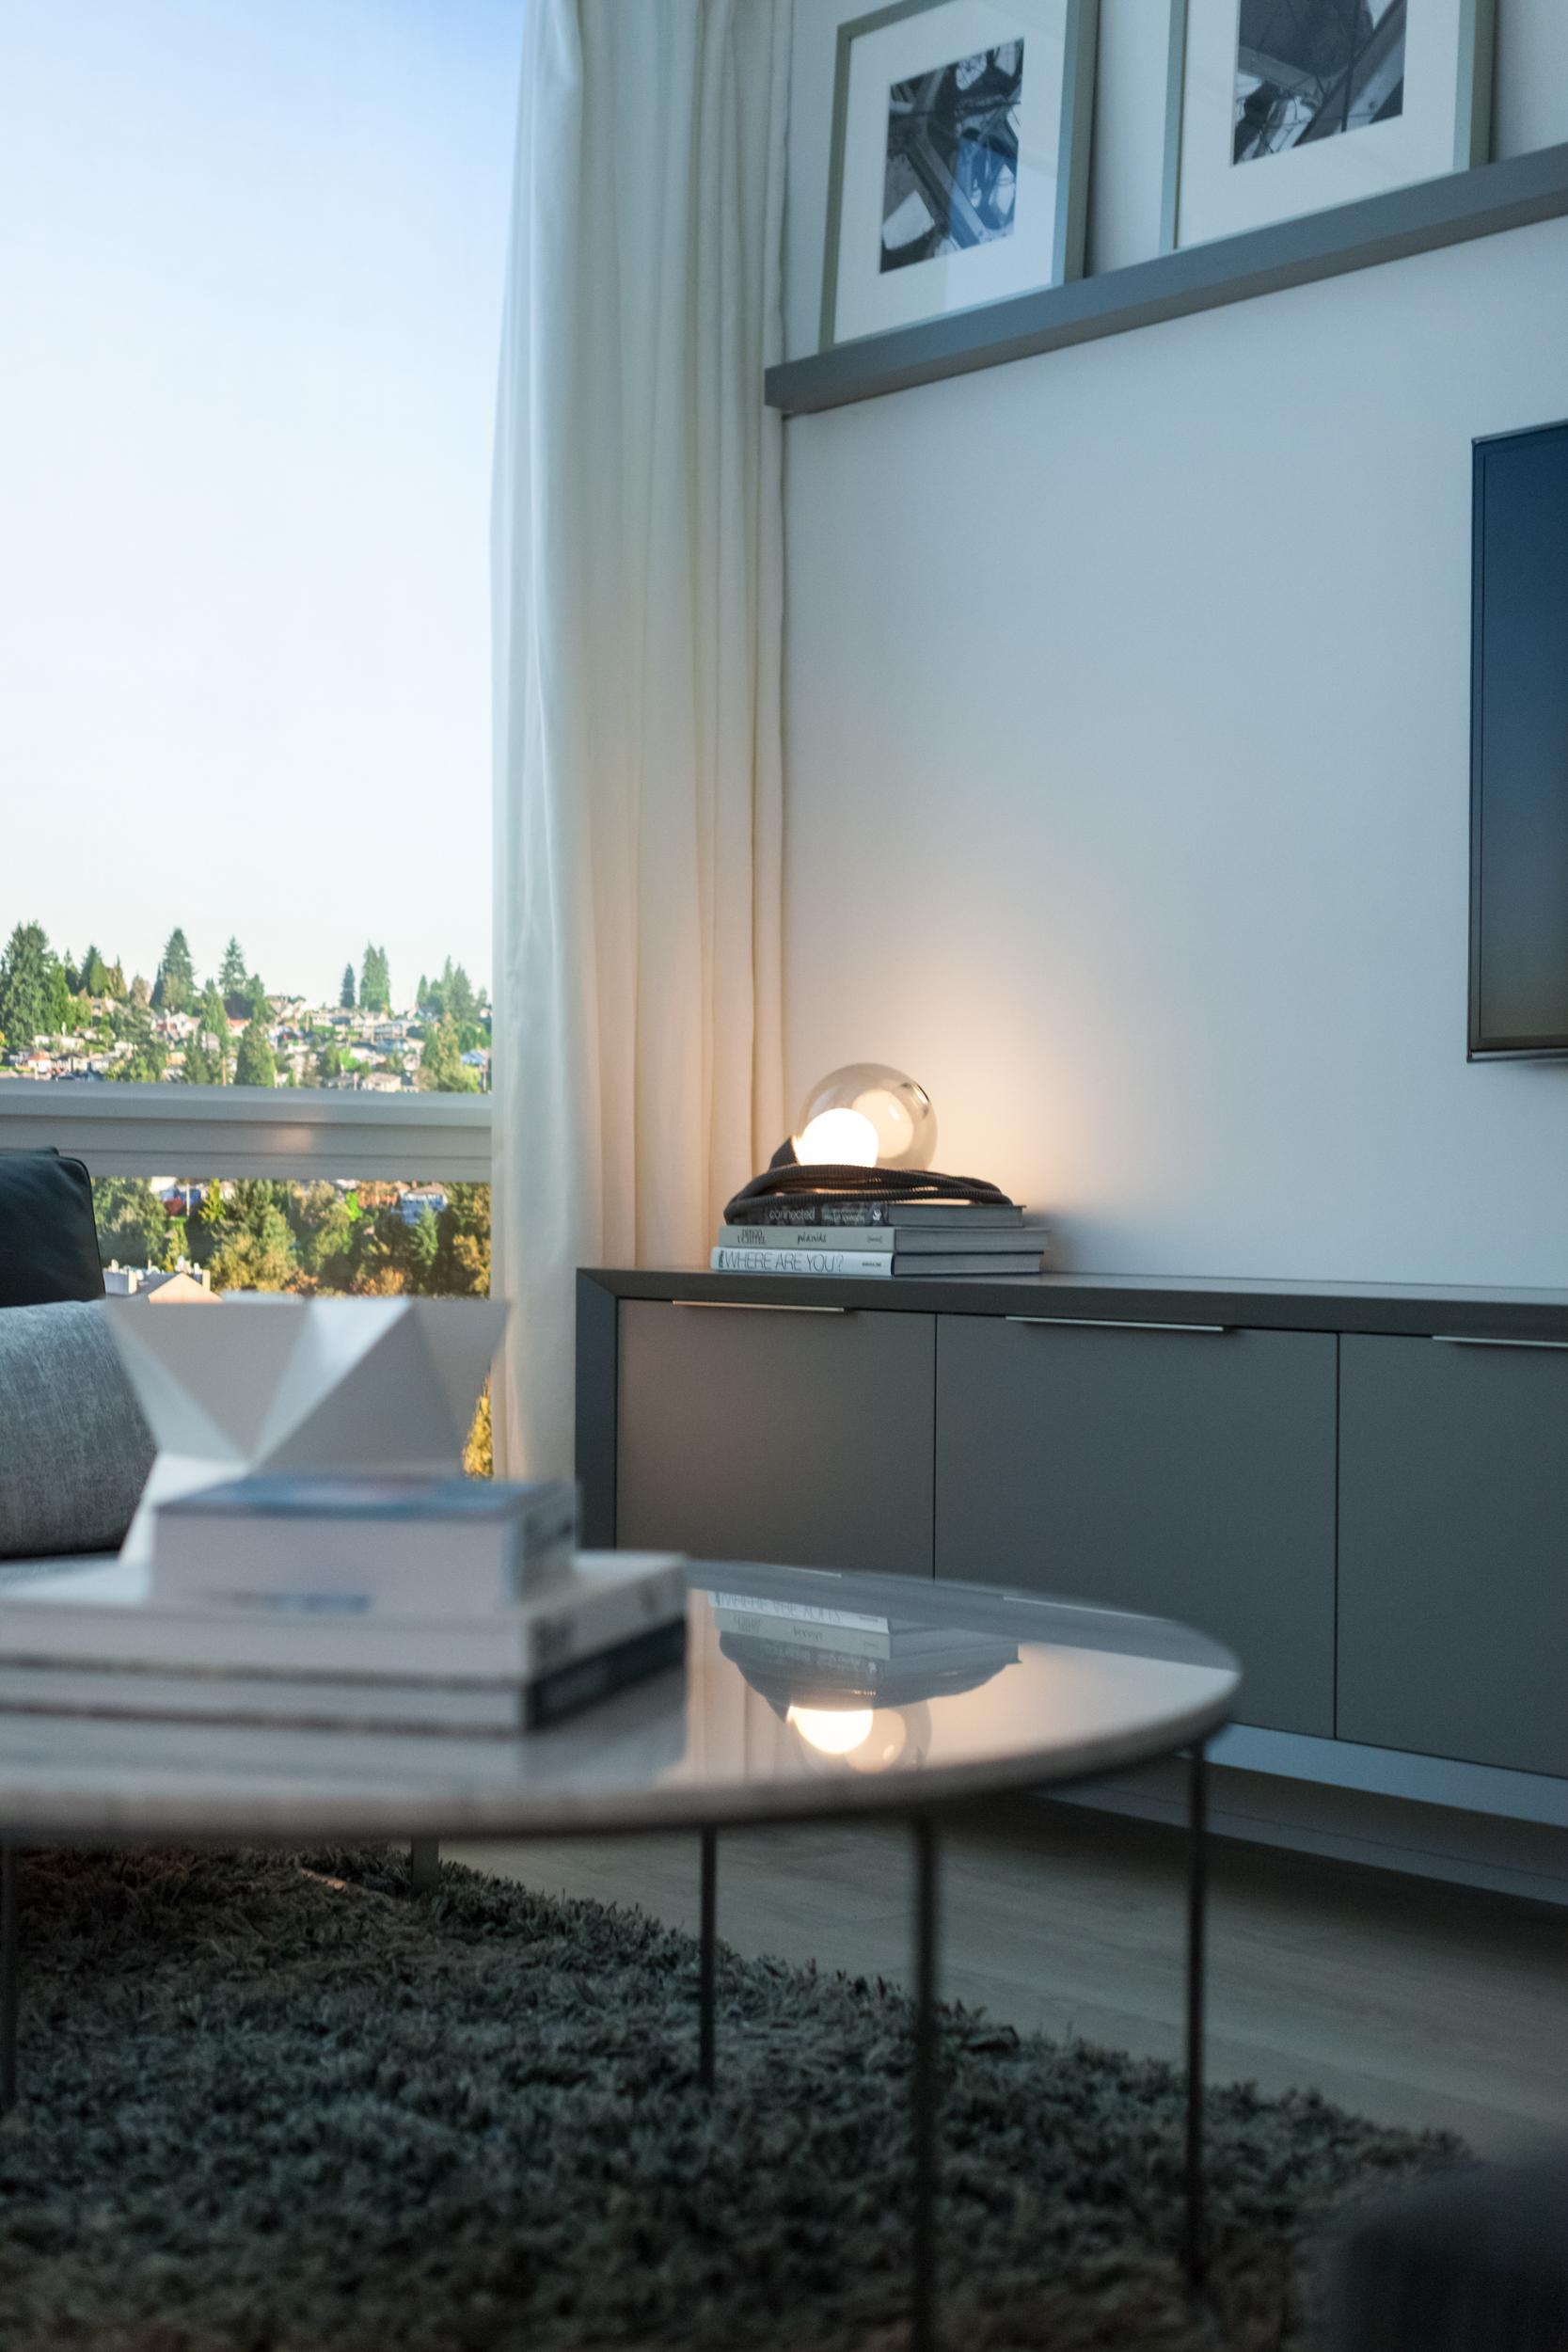 designreflektor-editorial-commercial-photopgraphy-vancouver-0227.jpg